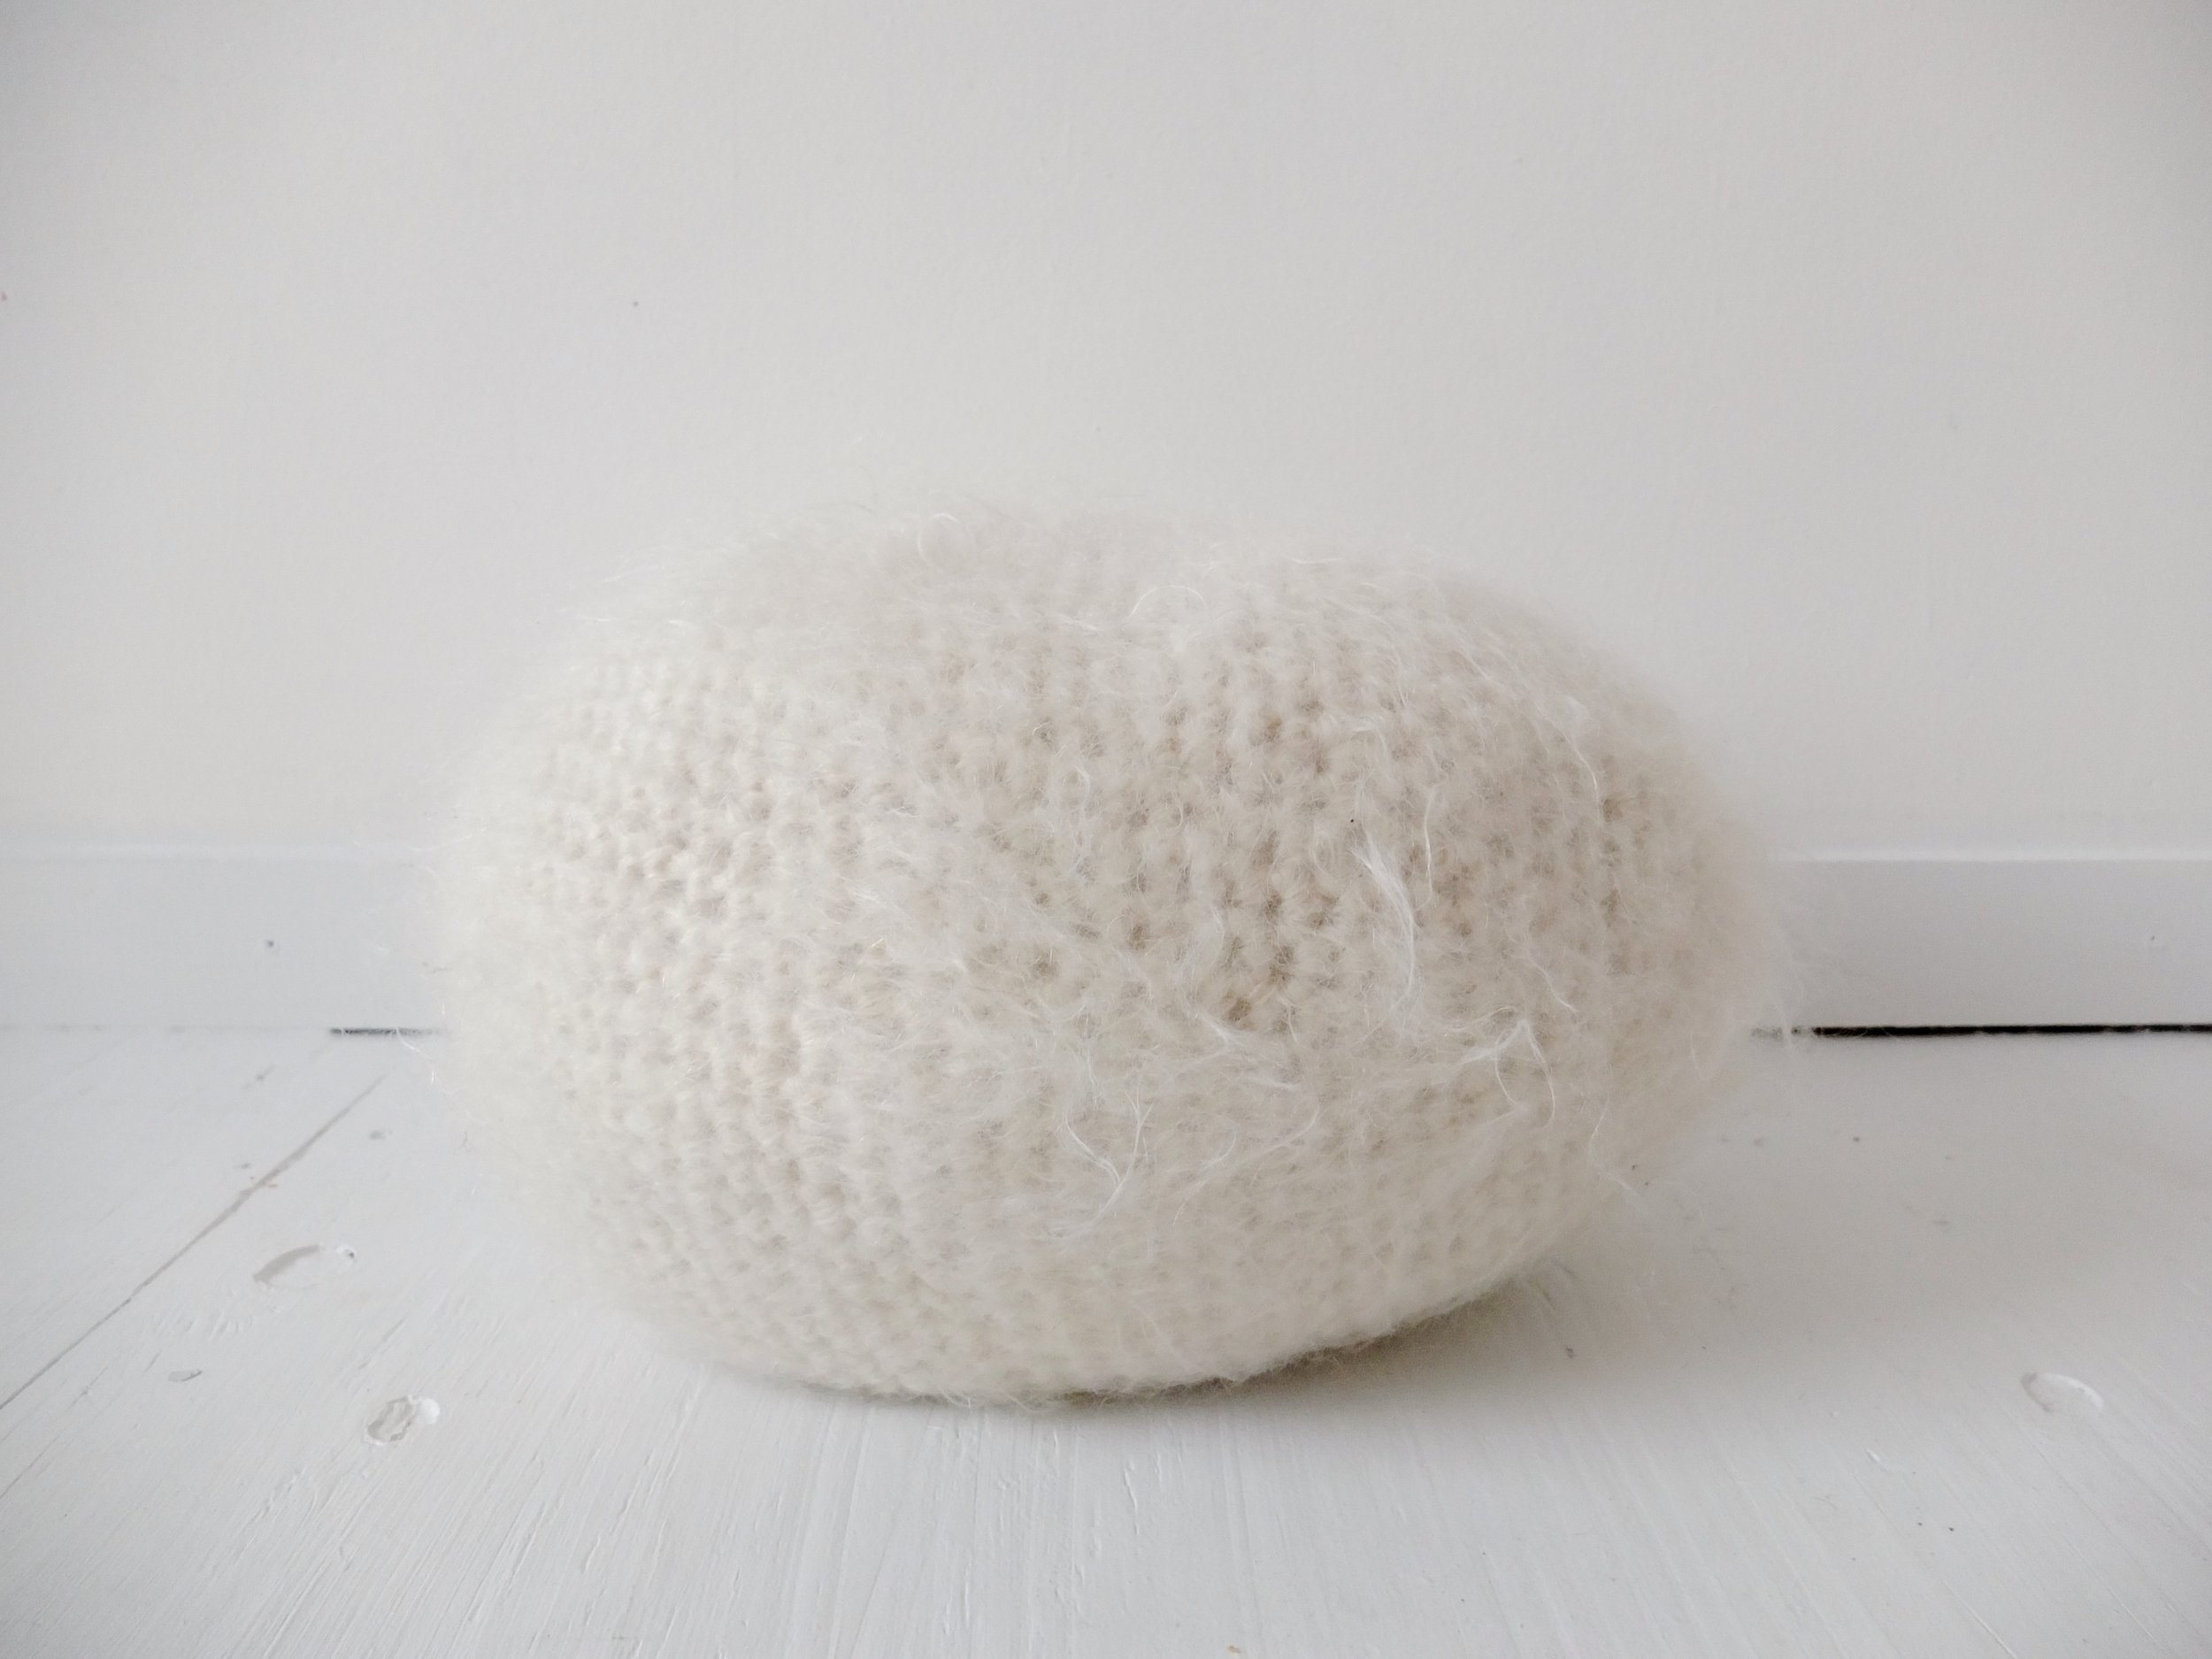 doucement-uovo-pillow-4.JPG